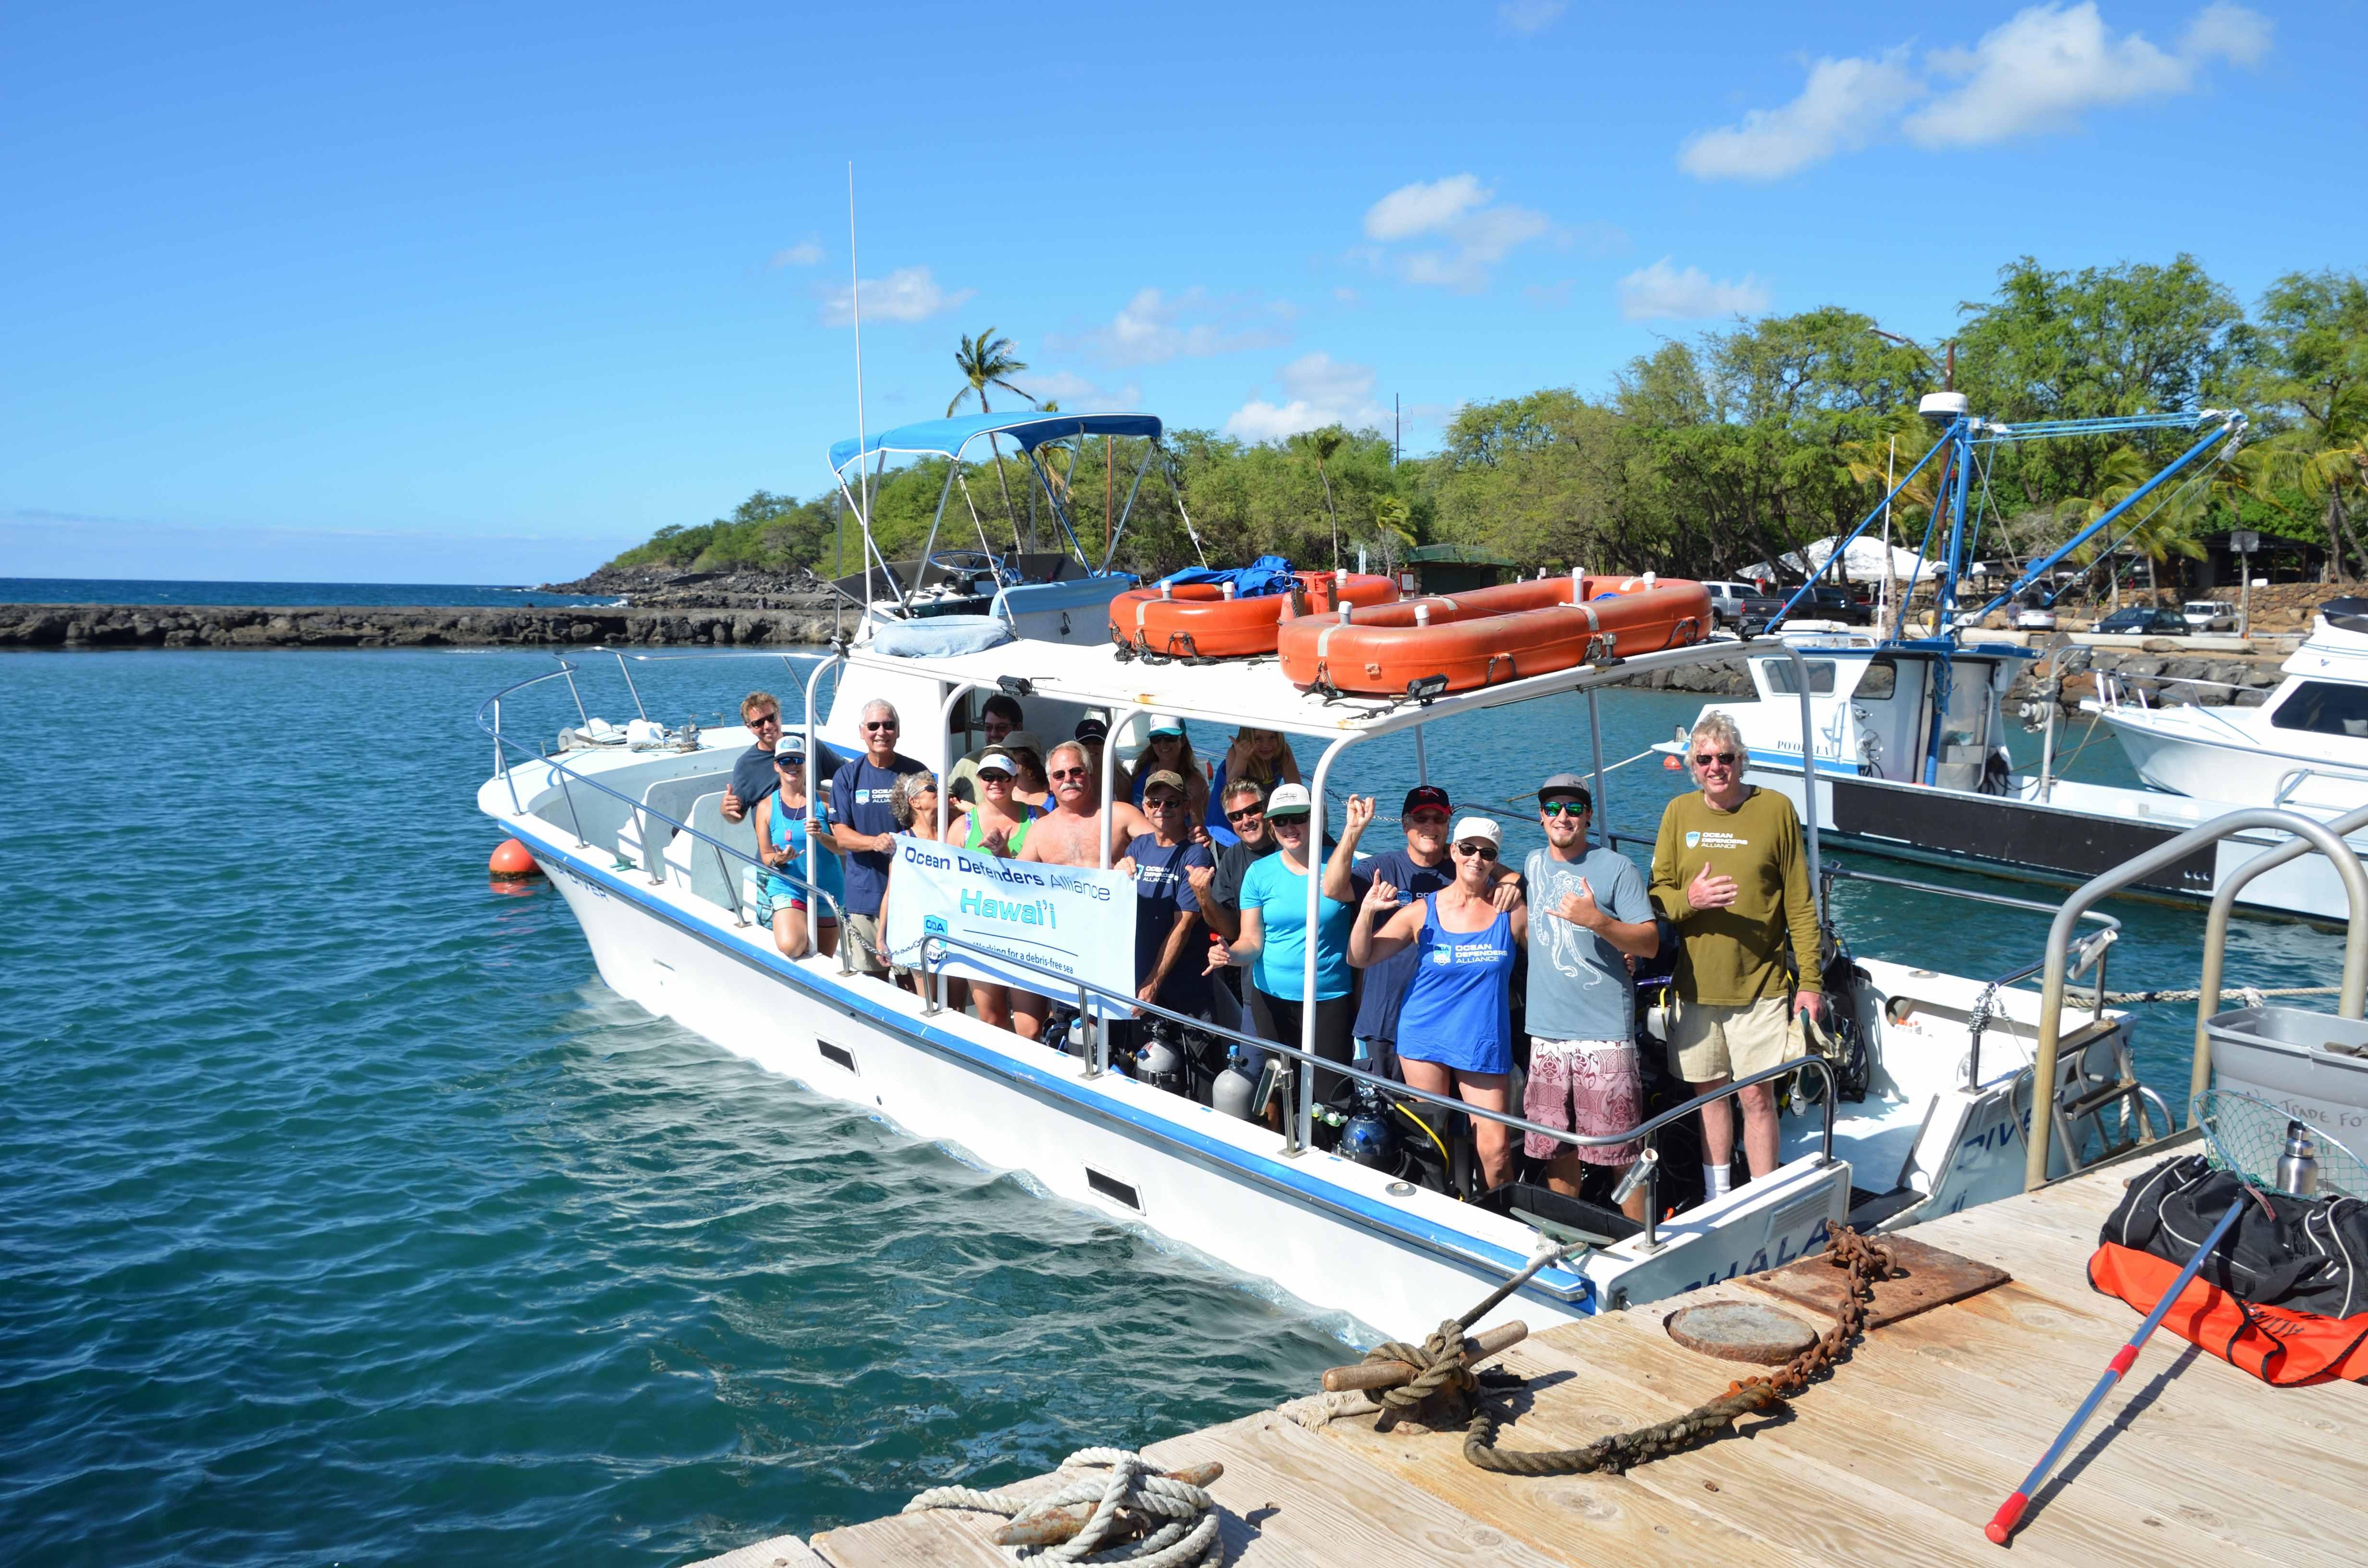 Ocean Defenders Cleanup Crew